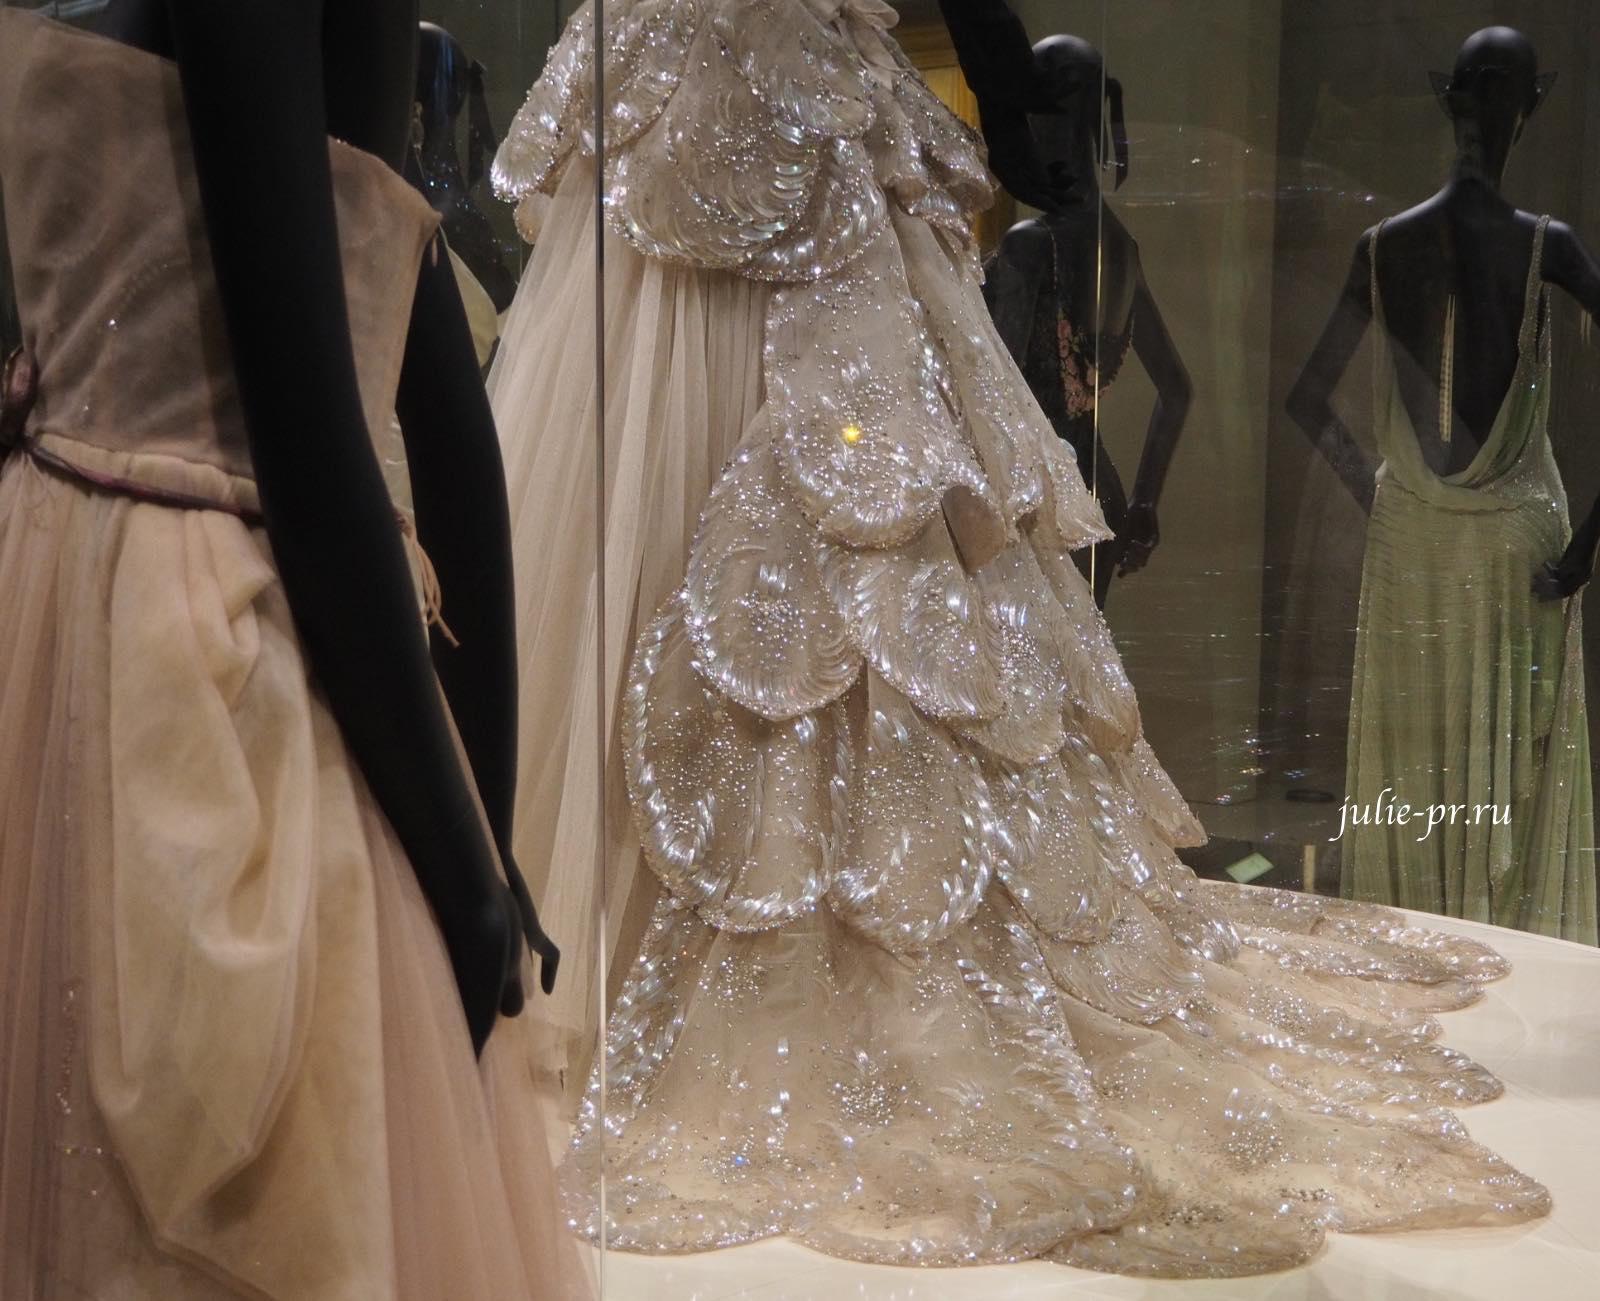 Платье Venus (Christian Dior осень/зима 1949). Вышивка